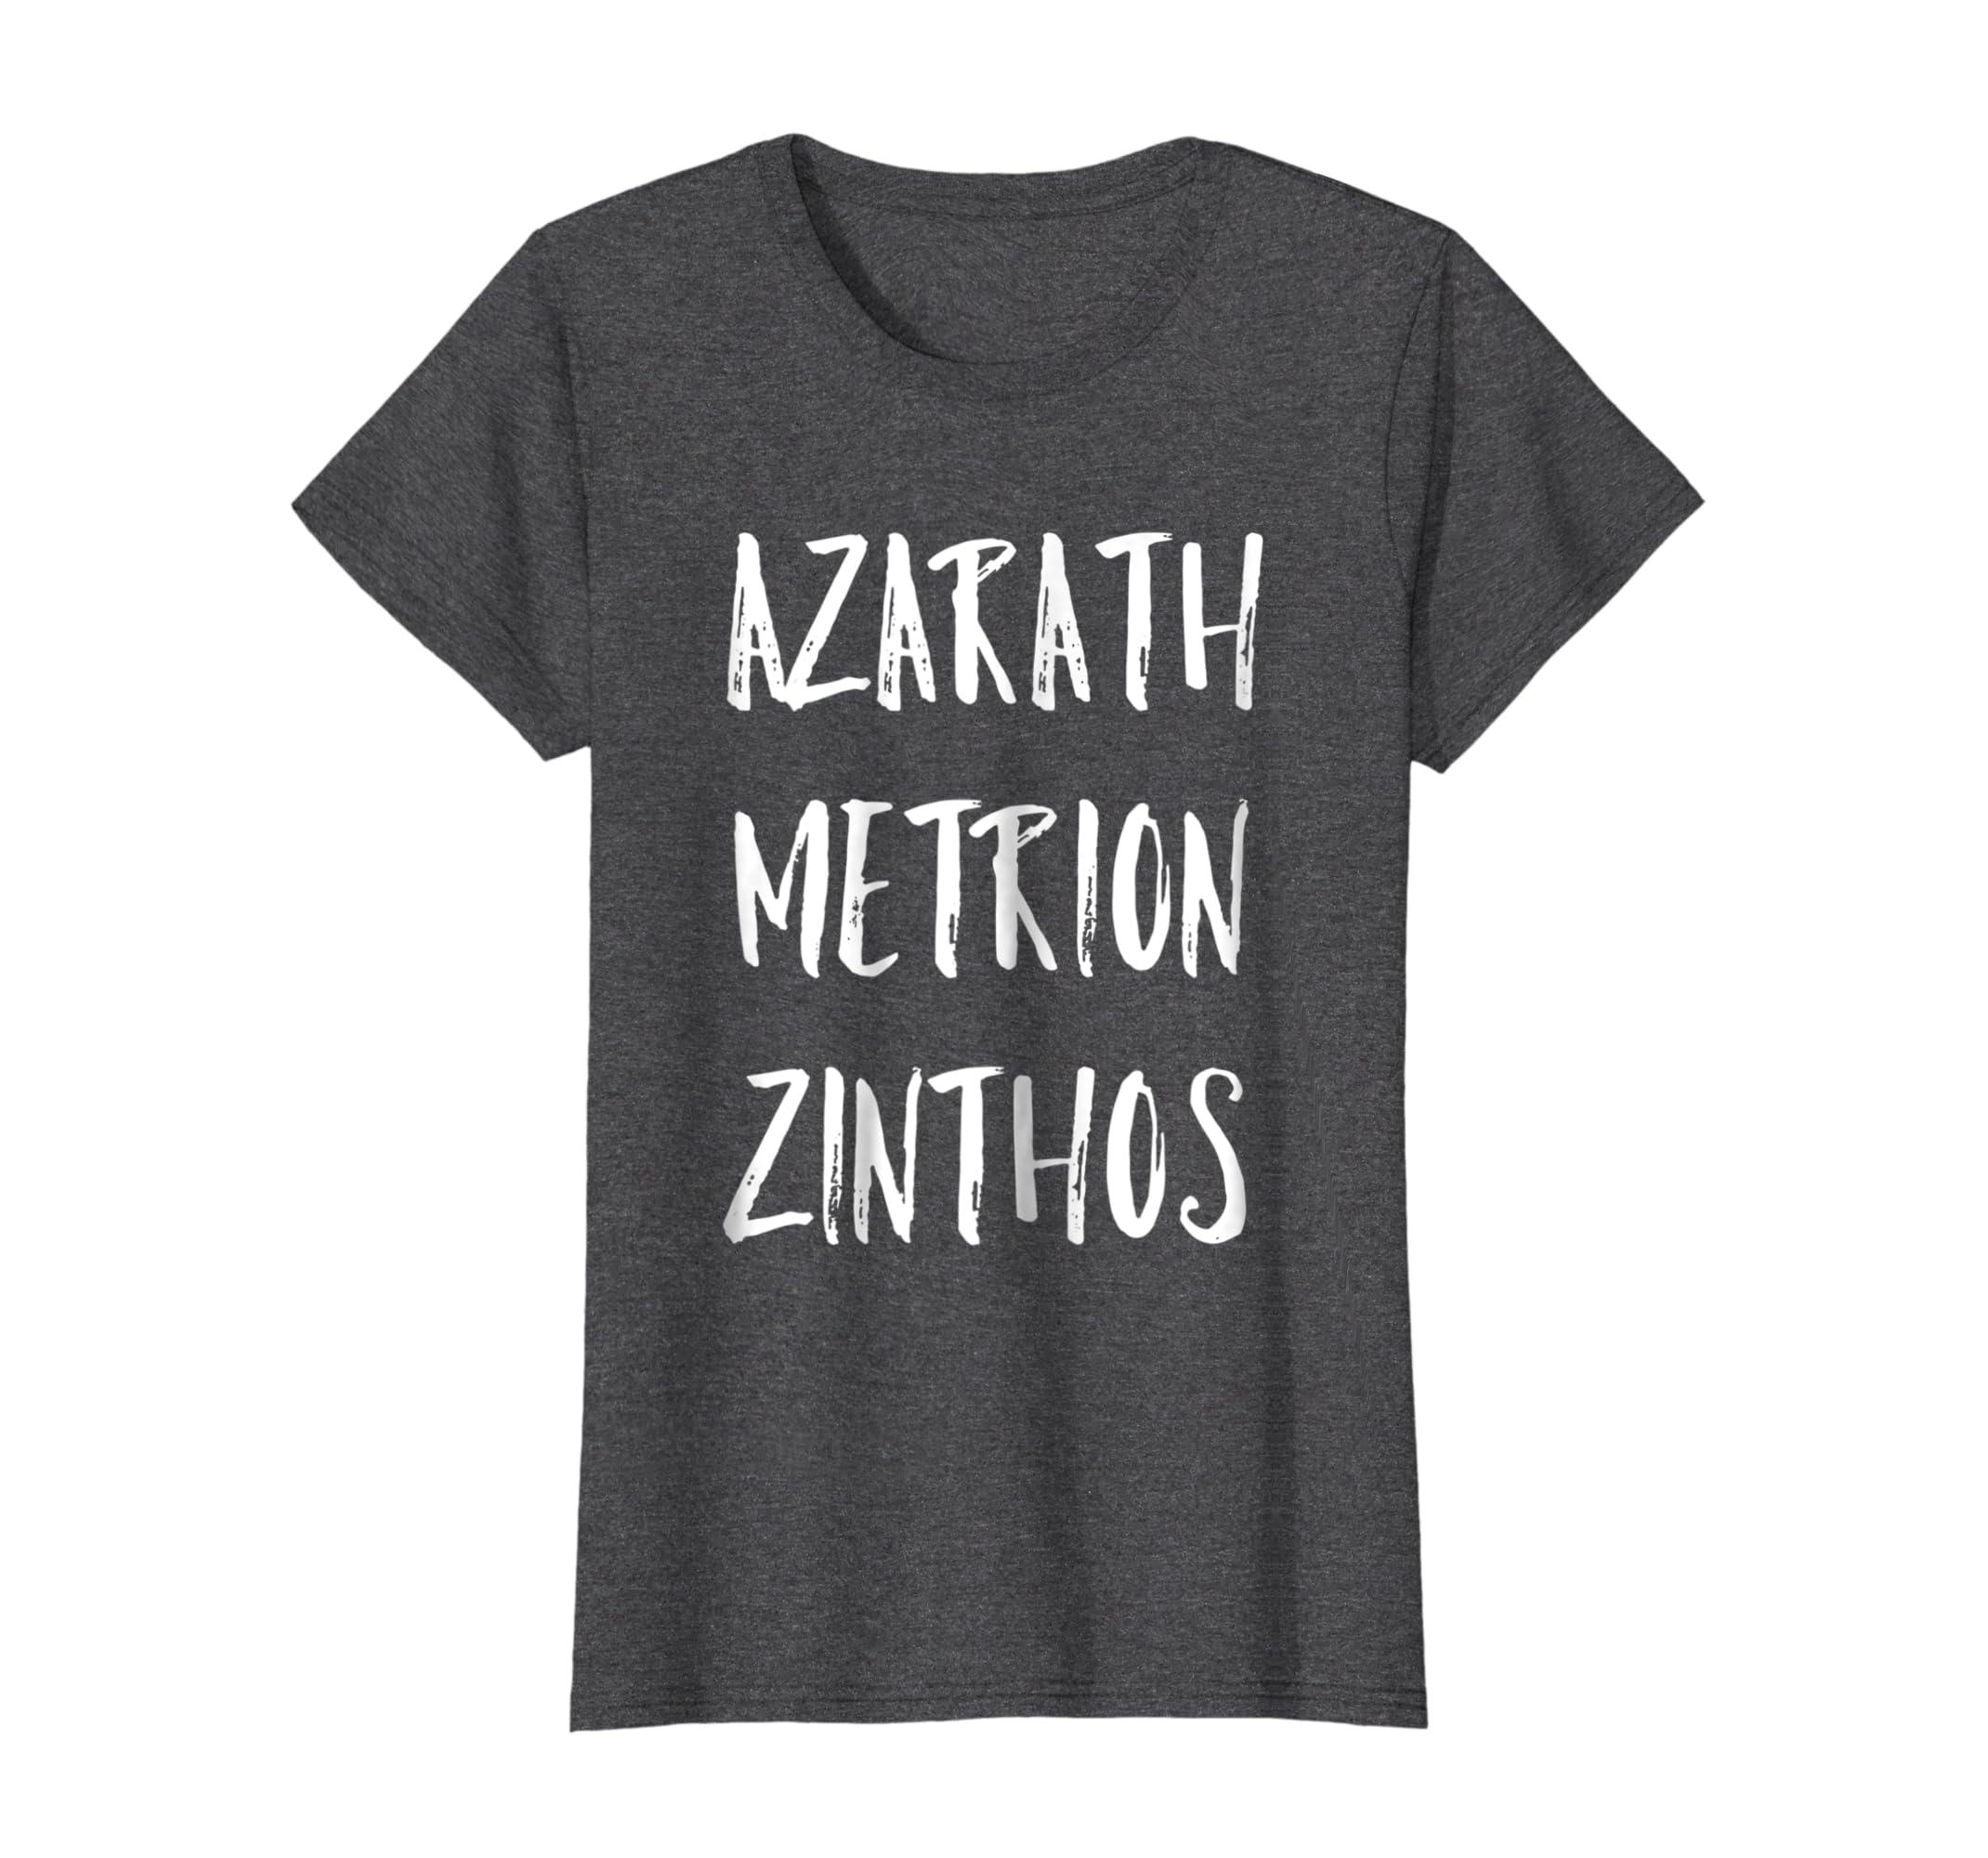 Aza rath T Shirt Metrion For Mens Kids Womens